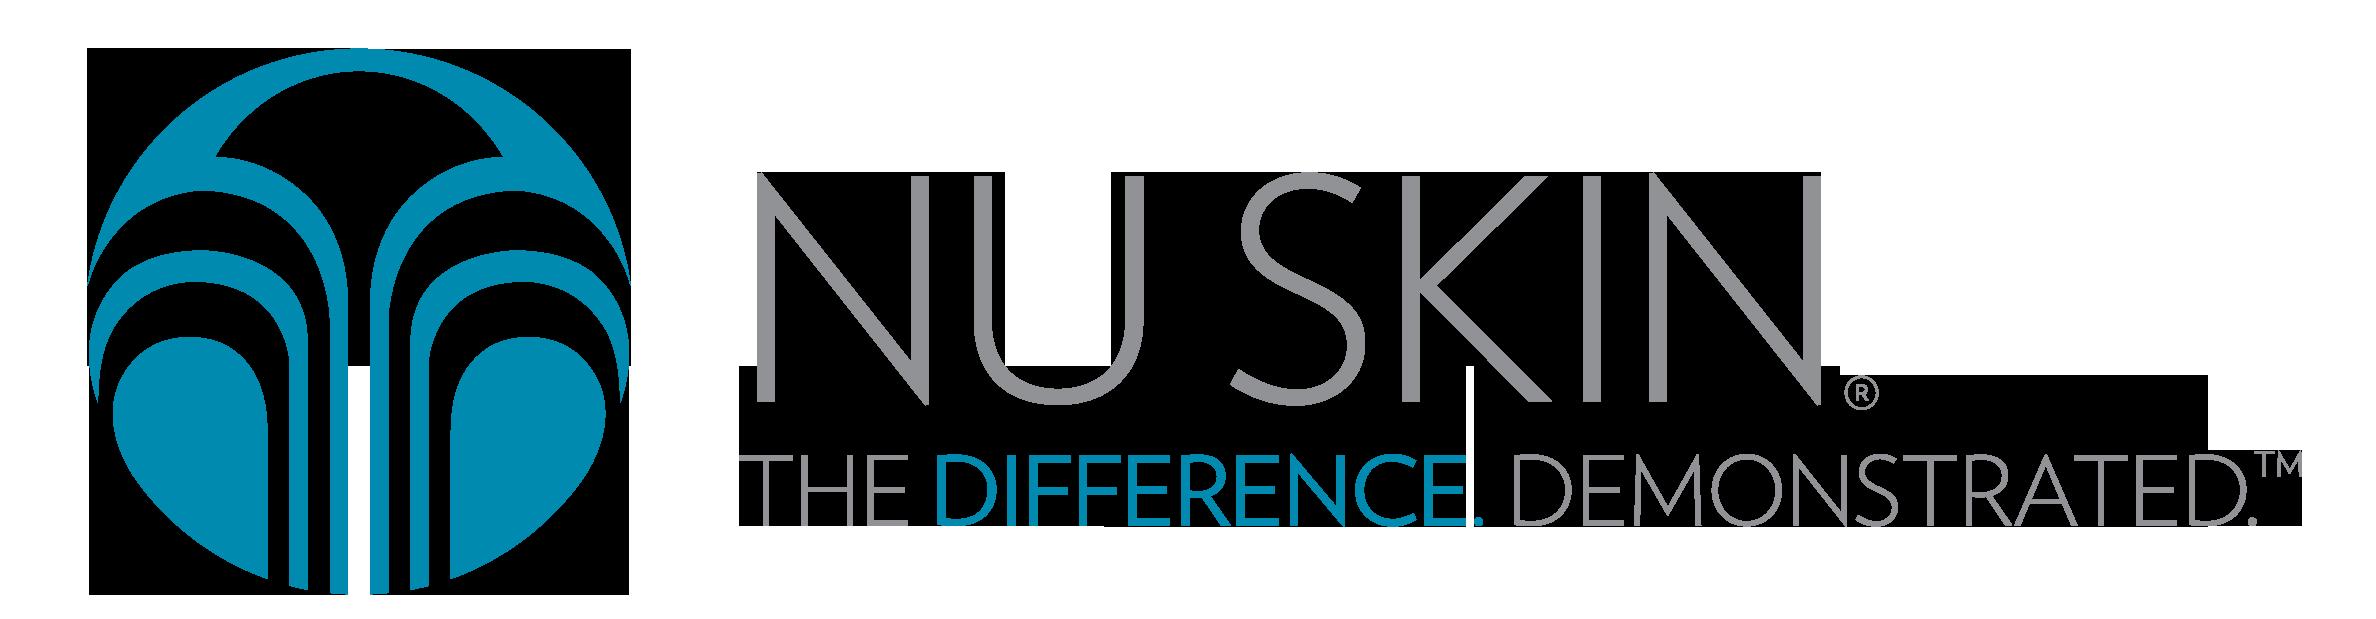 nuskin-logo